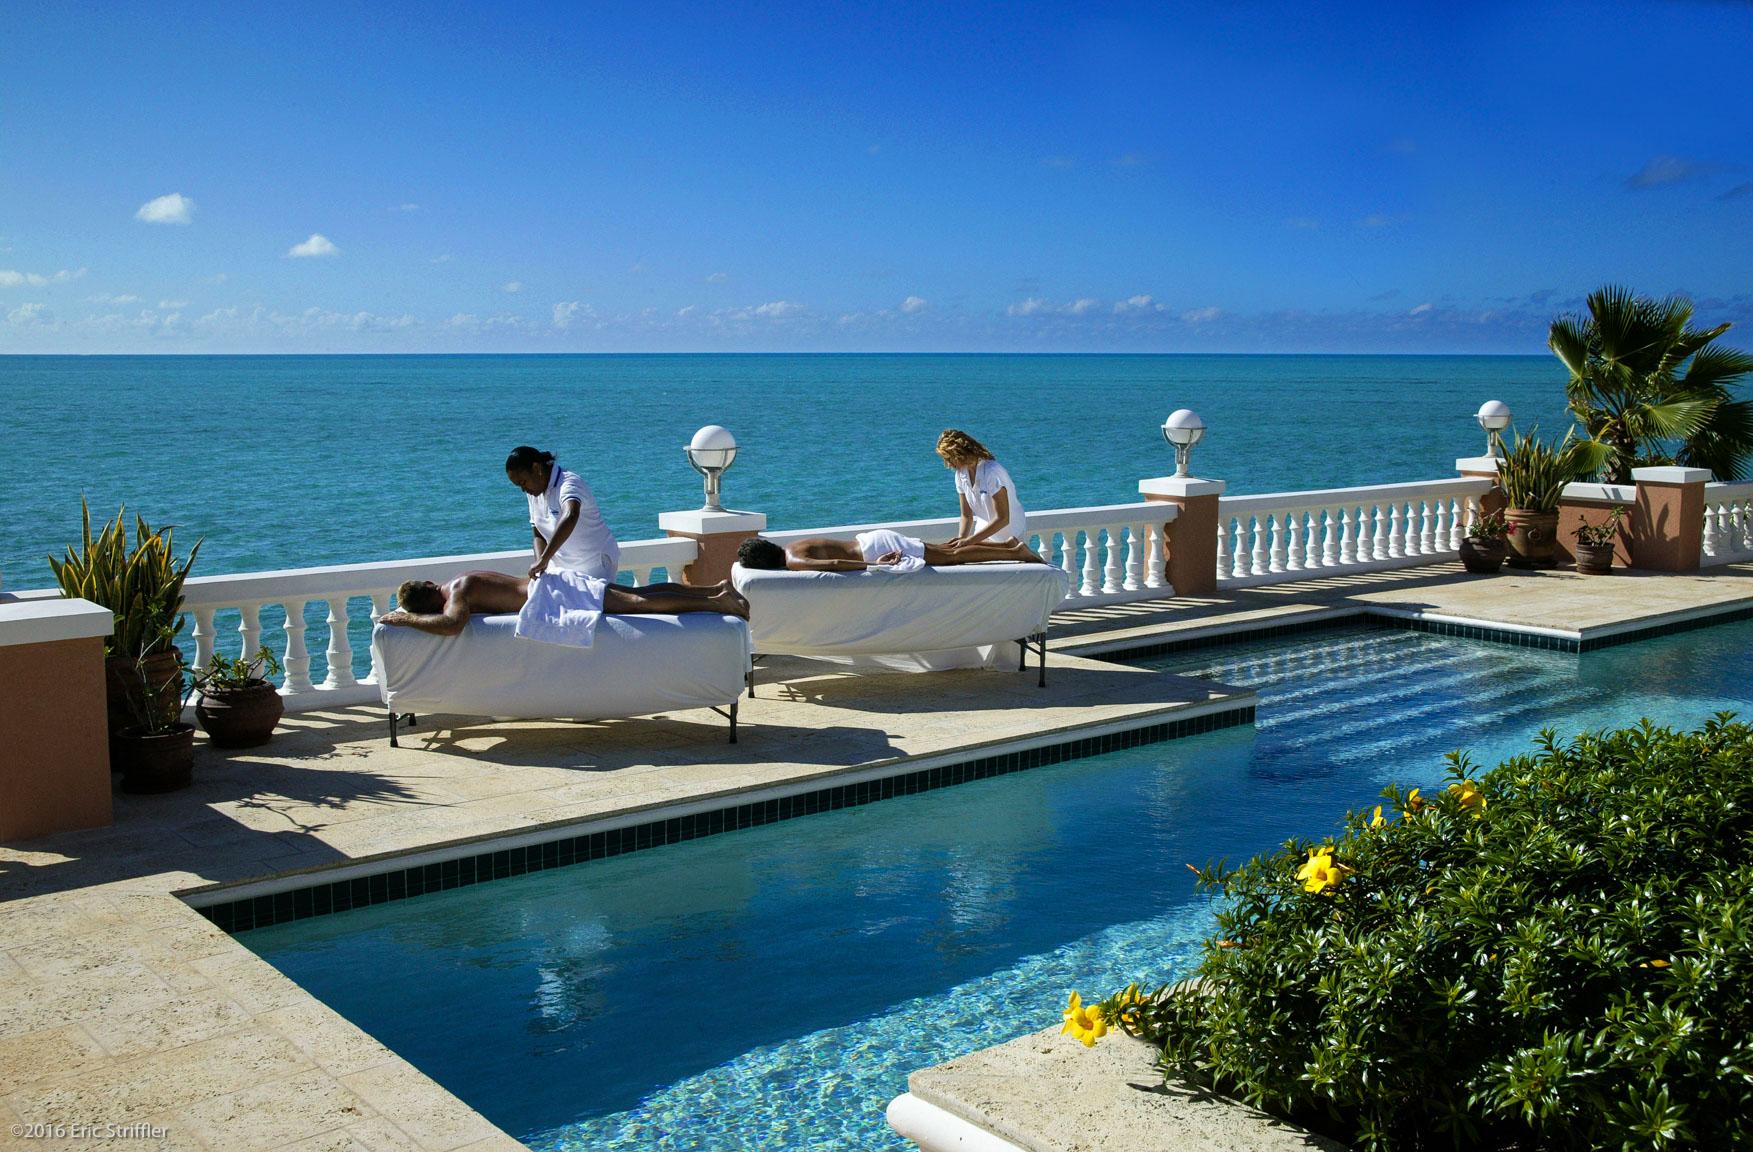 Private villa, Turks & Caicos